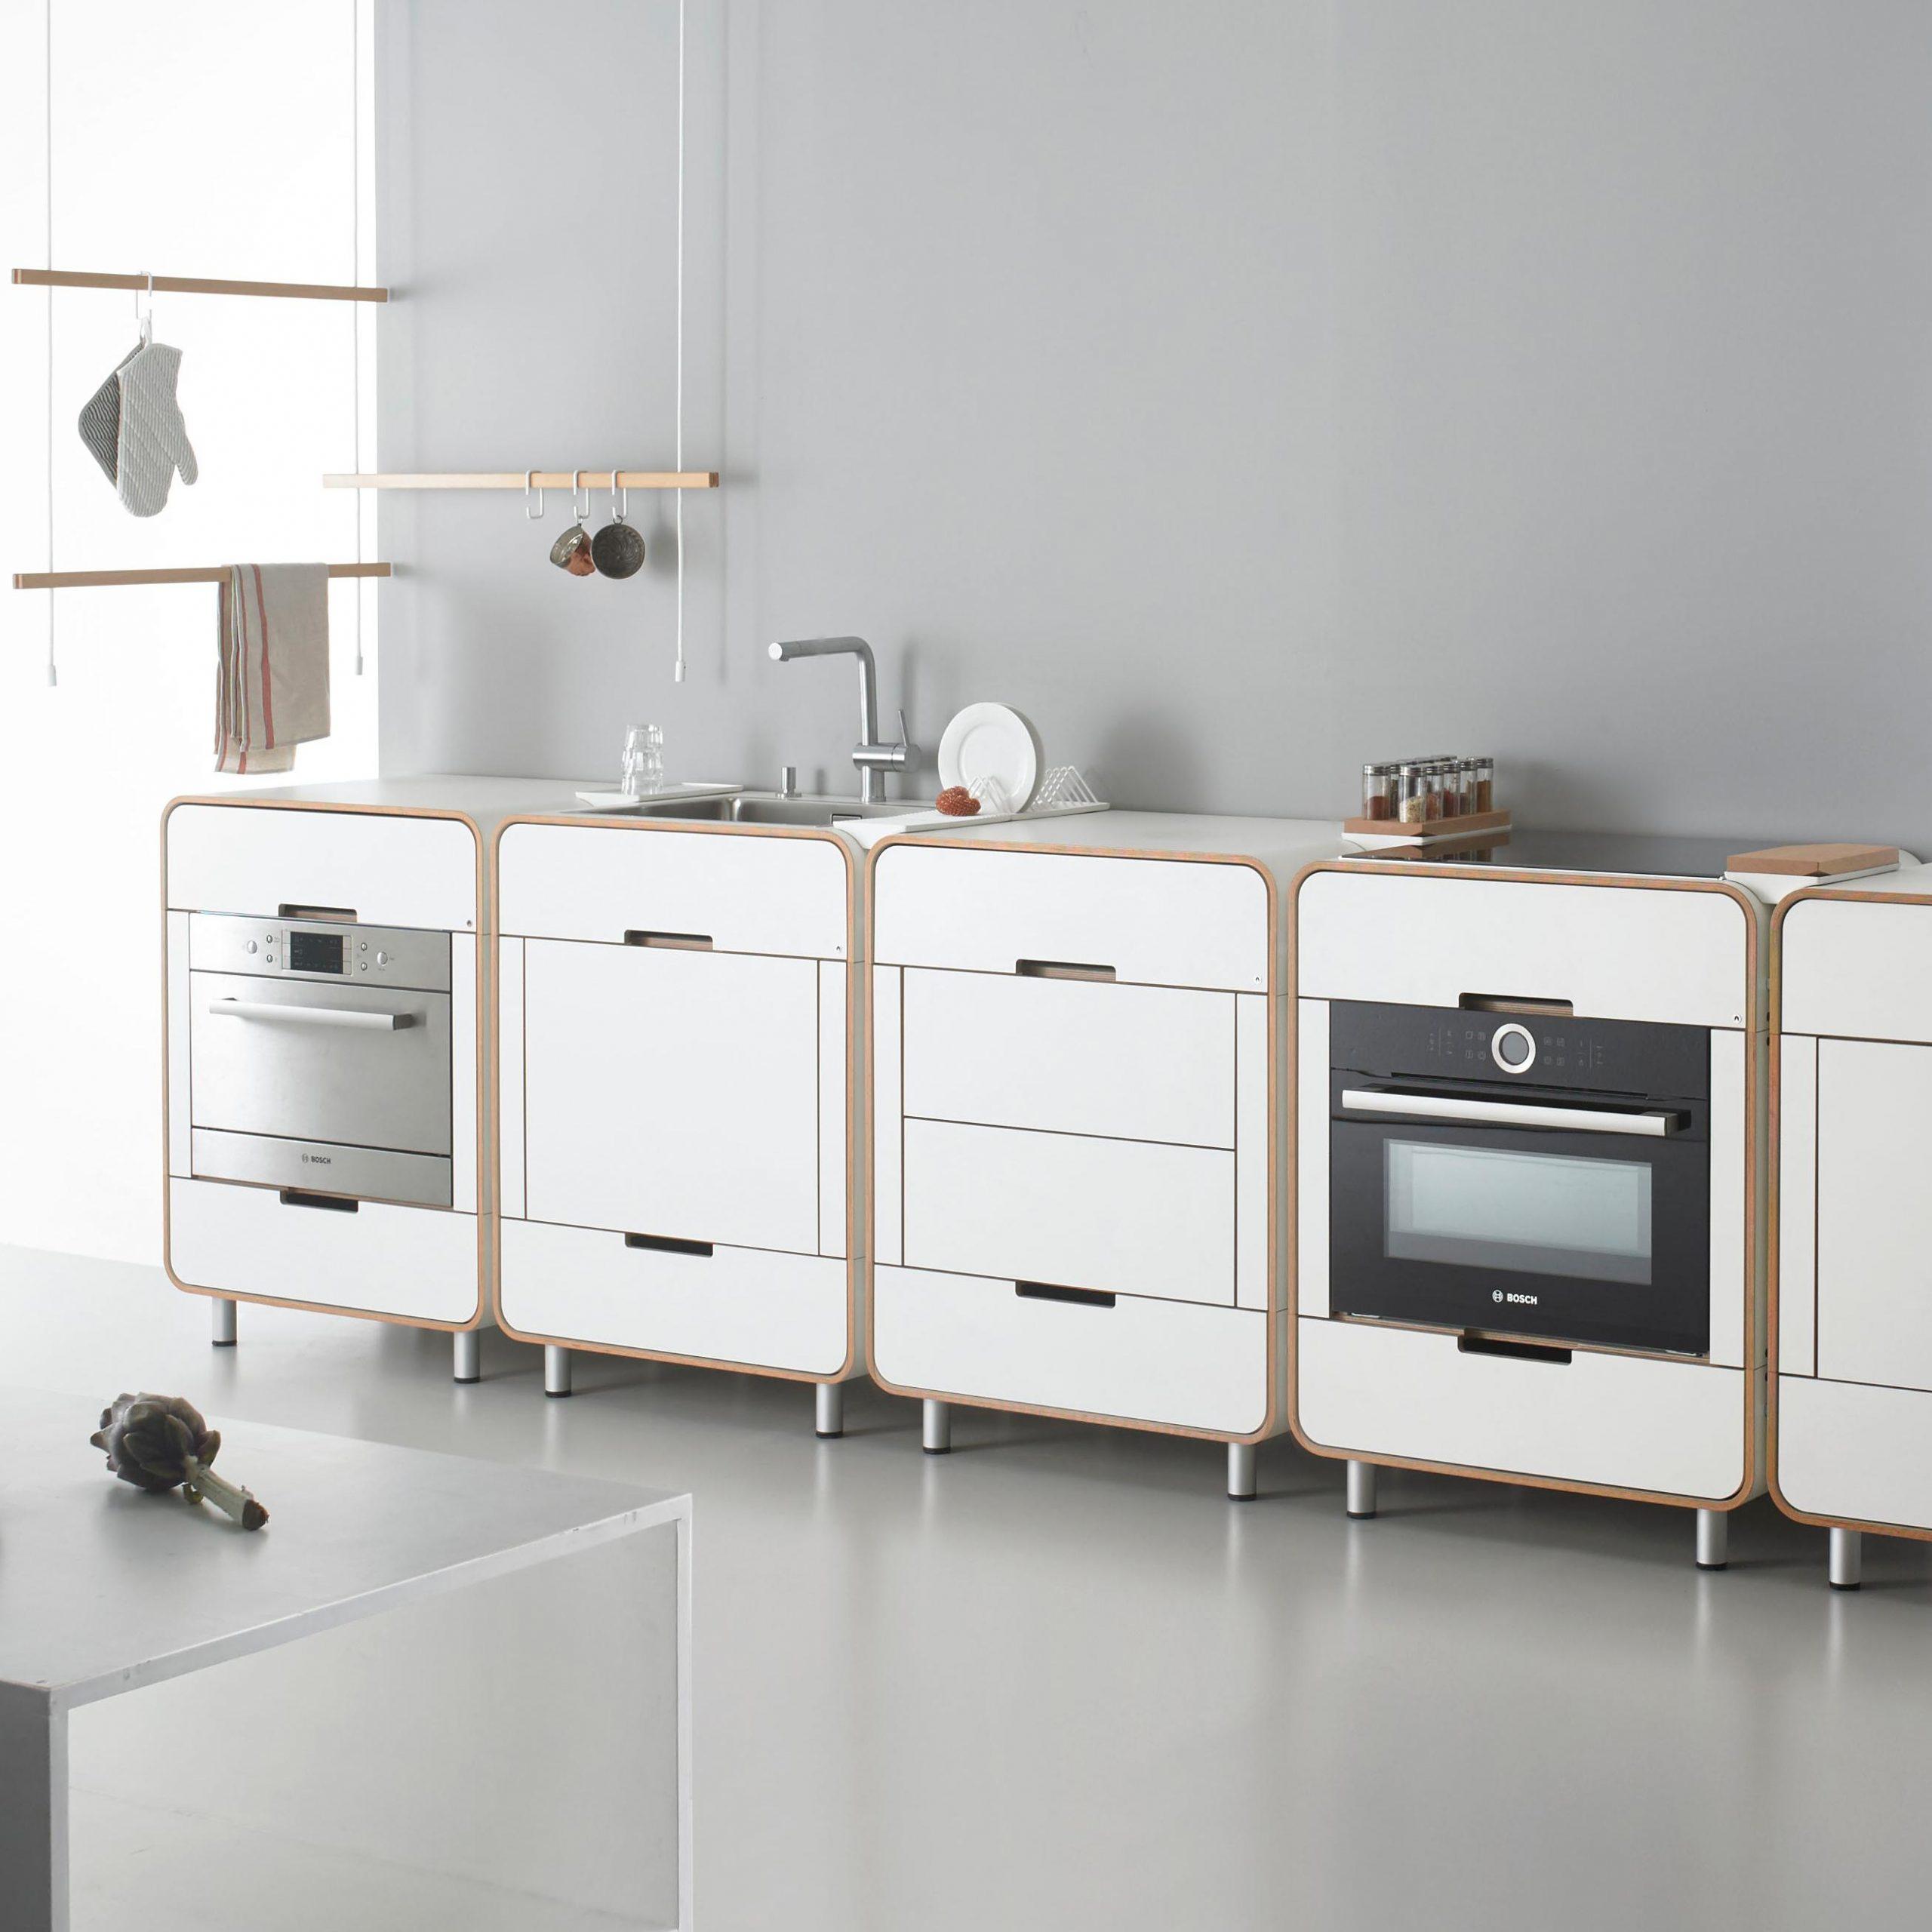 Full Size of Ikea Miniküchen Minikche Attityd Kche Singlekche Vrde Mit Elektrogerten Sofa Schlaffunktion Küche Kosten Kaufen Betten 160x200 Bei Modulküche Miniküche Wohnzimmer Ikea Miniküchen